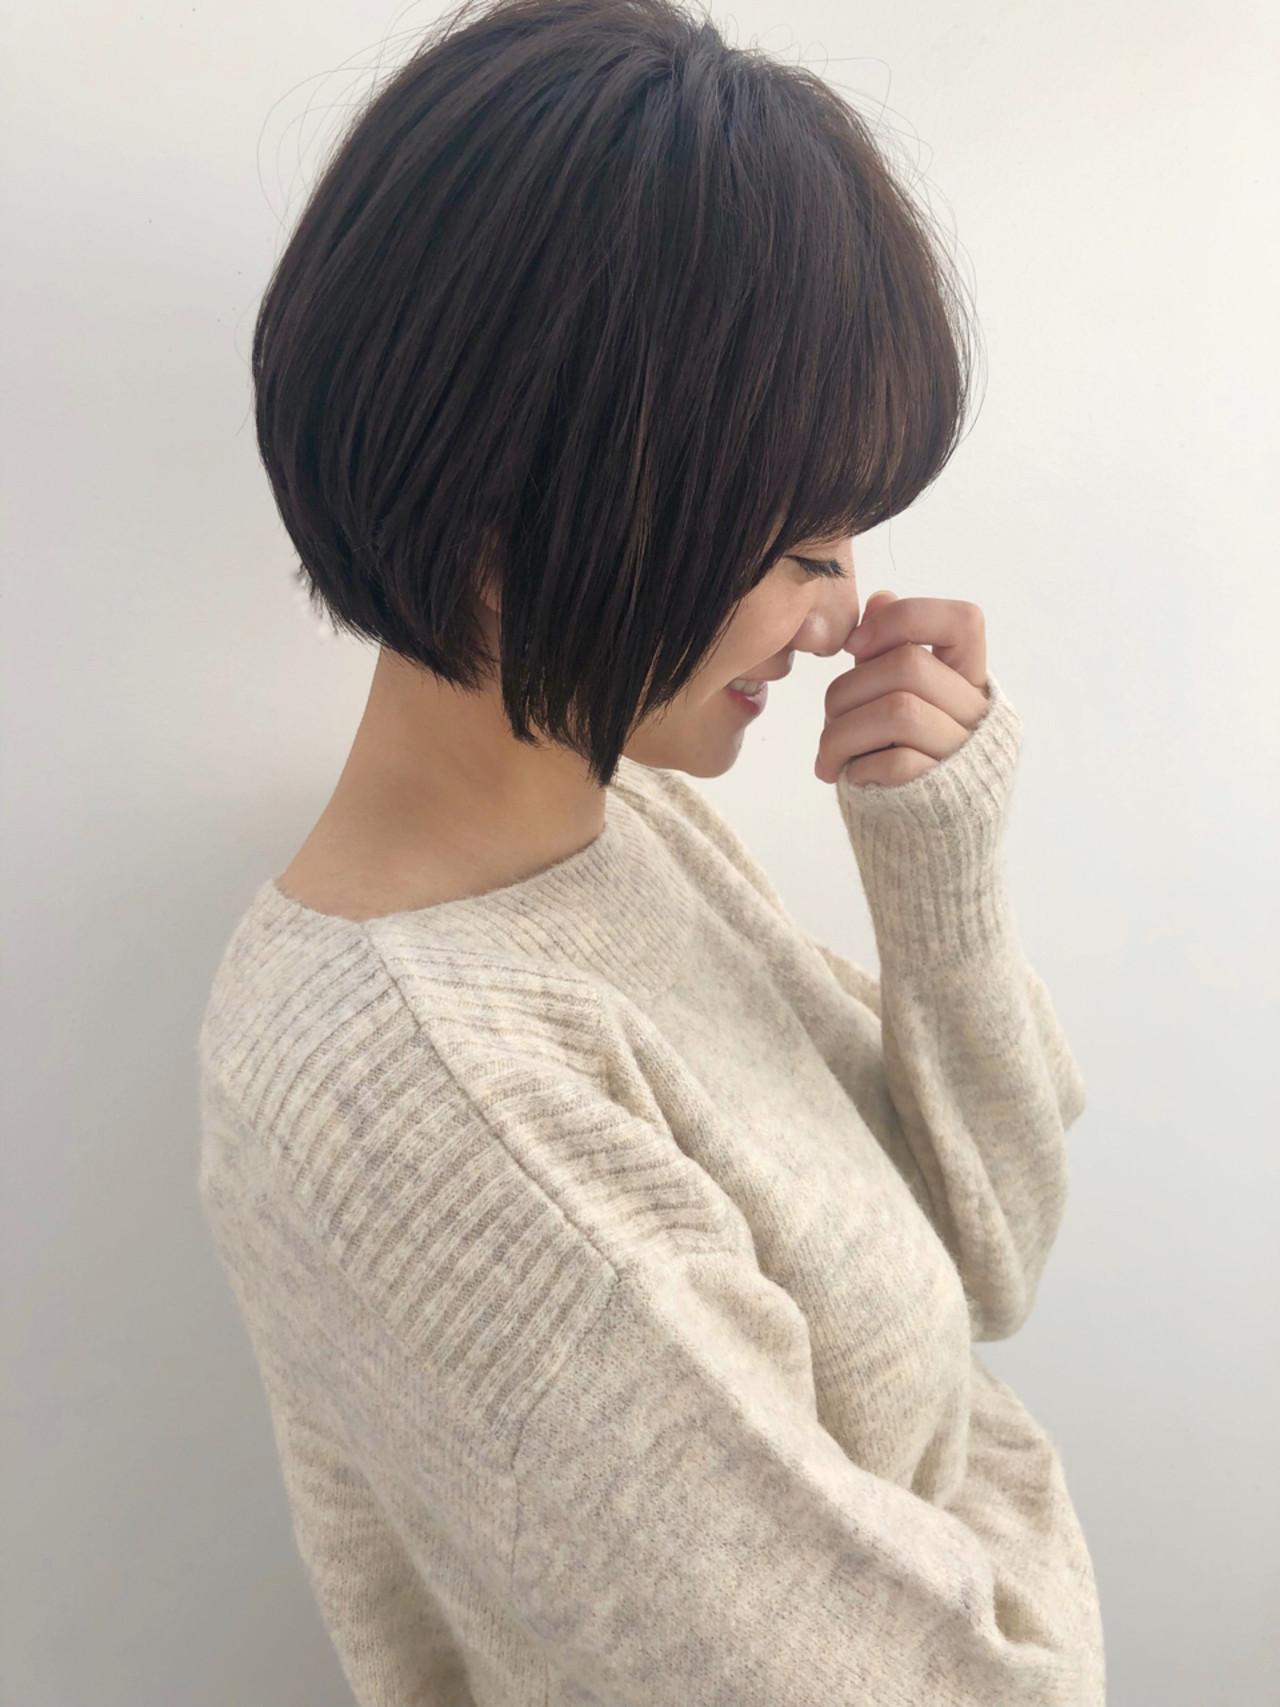 似合わせ ショート ショートボブ ナチュラル ヘアスタイルや髪型の写真・画像 | 富永大樹【小顔ショート】【小顔ミディアム】 / Unami